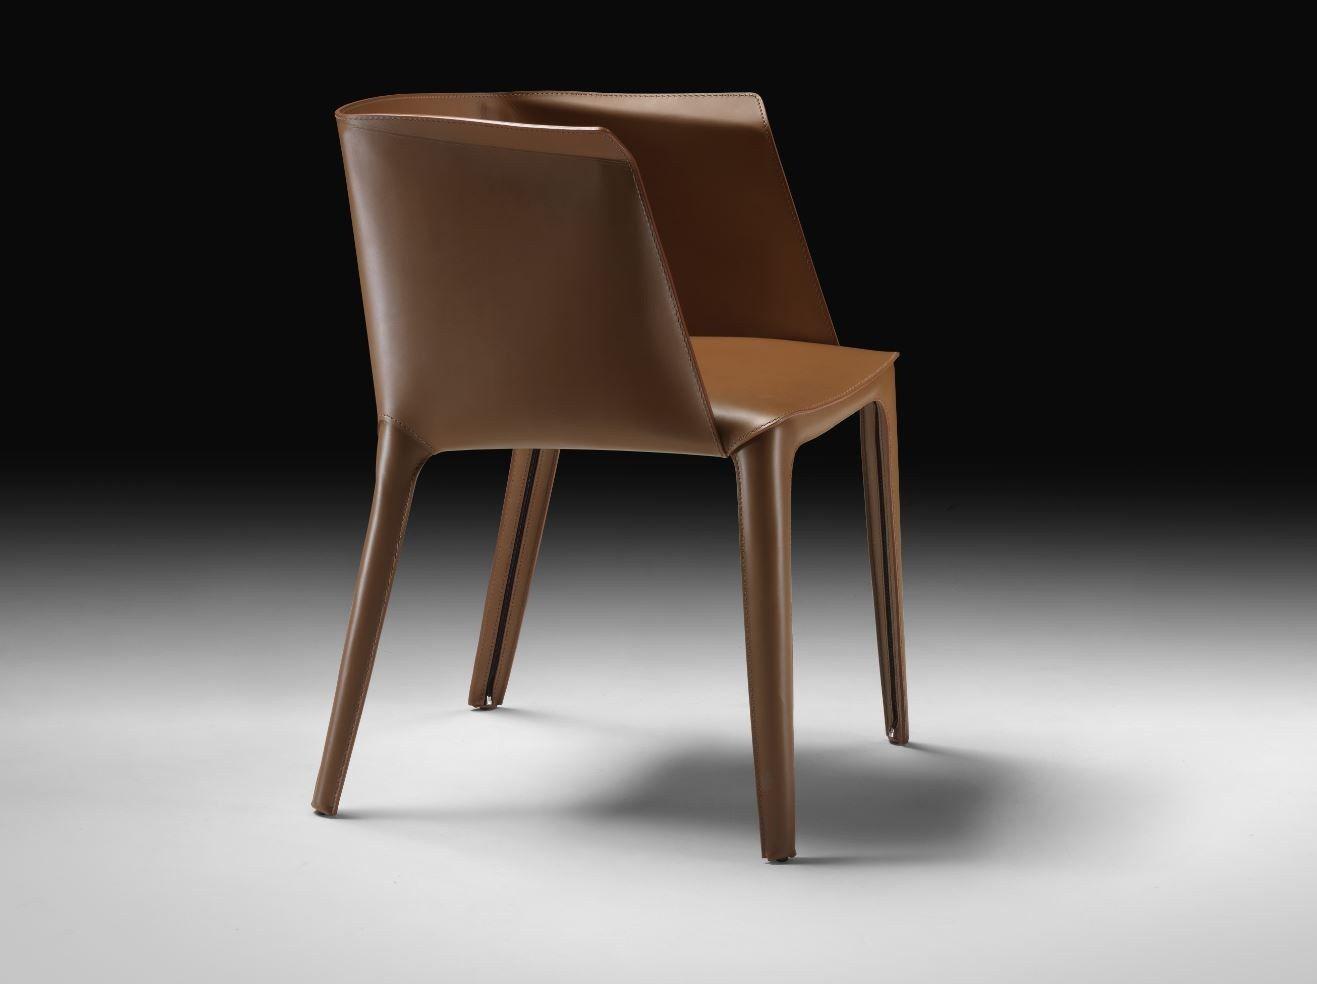 Sedia in cuoio con braccioli collezione isabel by flexform